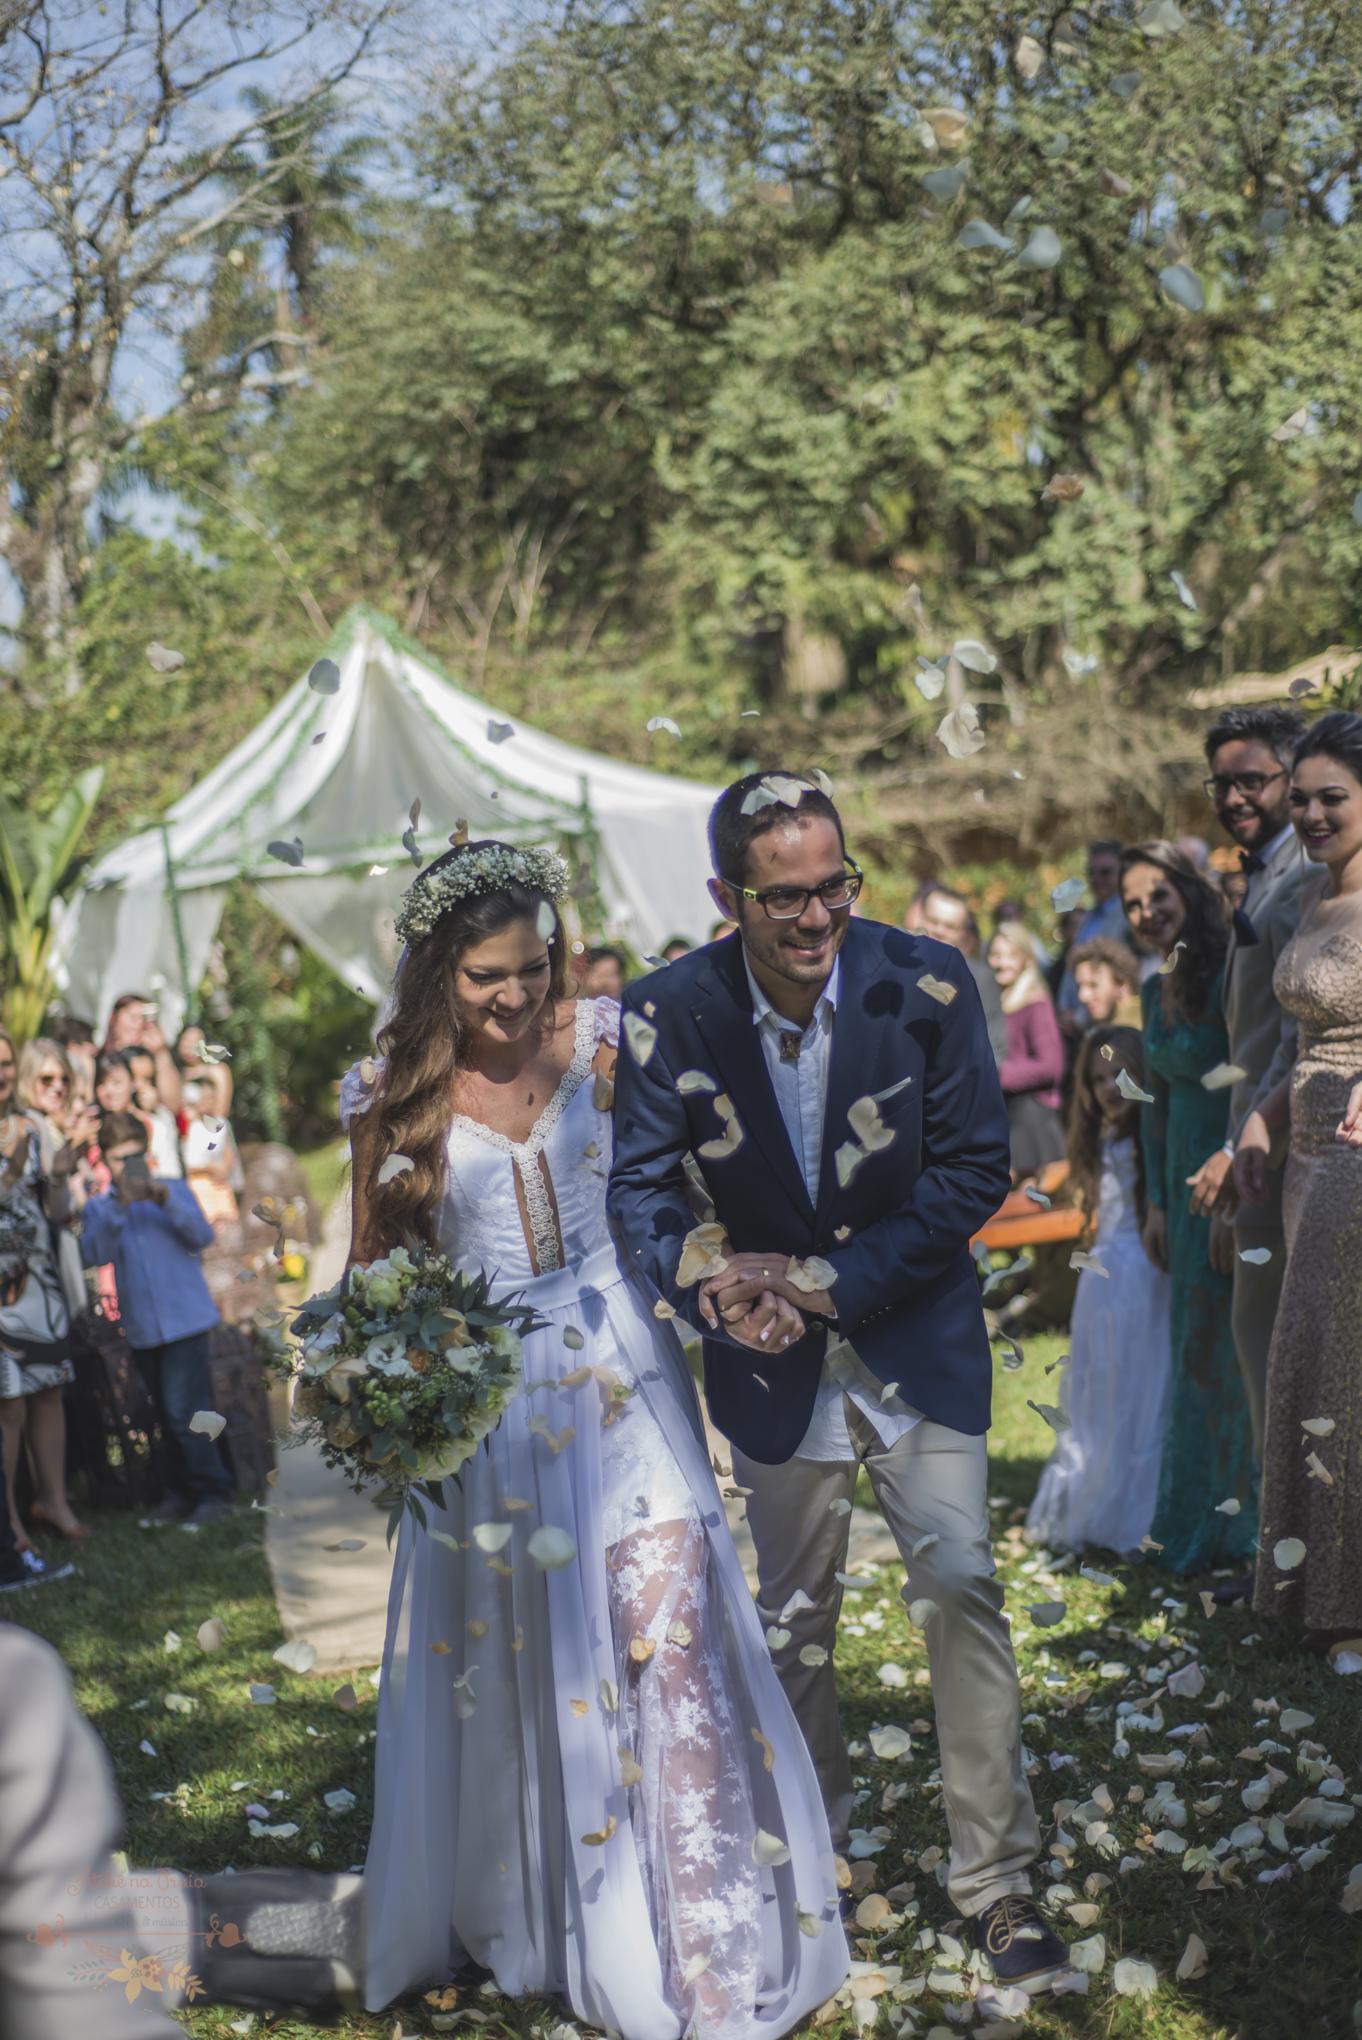 04-Cerimonia-Atelie-na-Praia-Nadine-Carlos-Casamento-9792